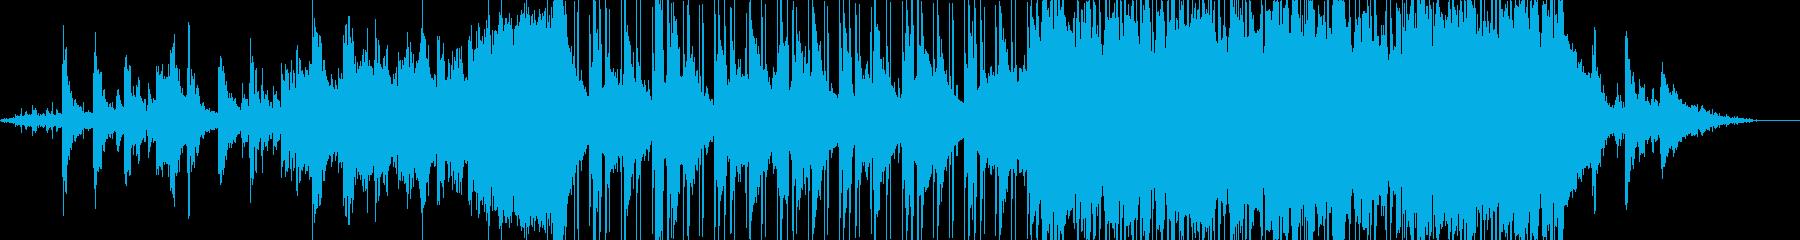 空からの映像に合うインストの再生済みの波形